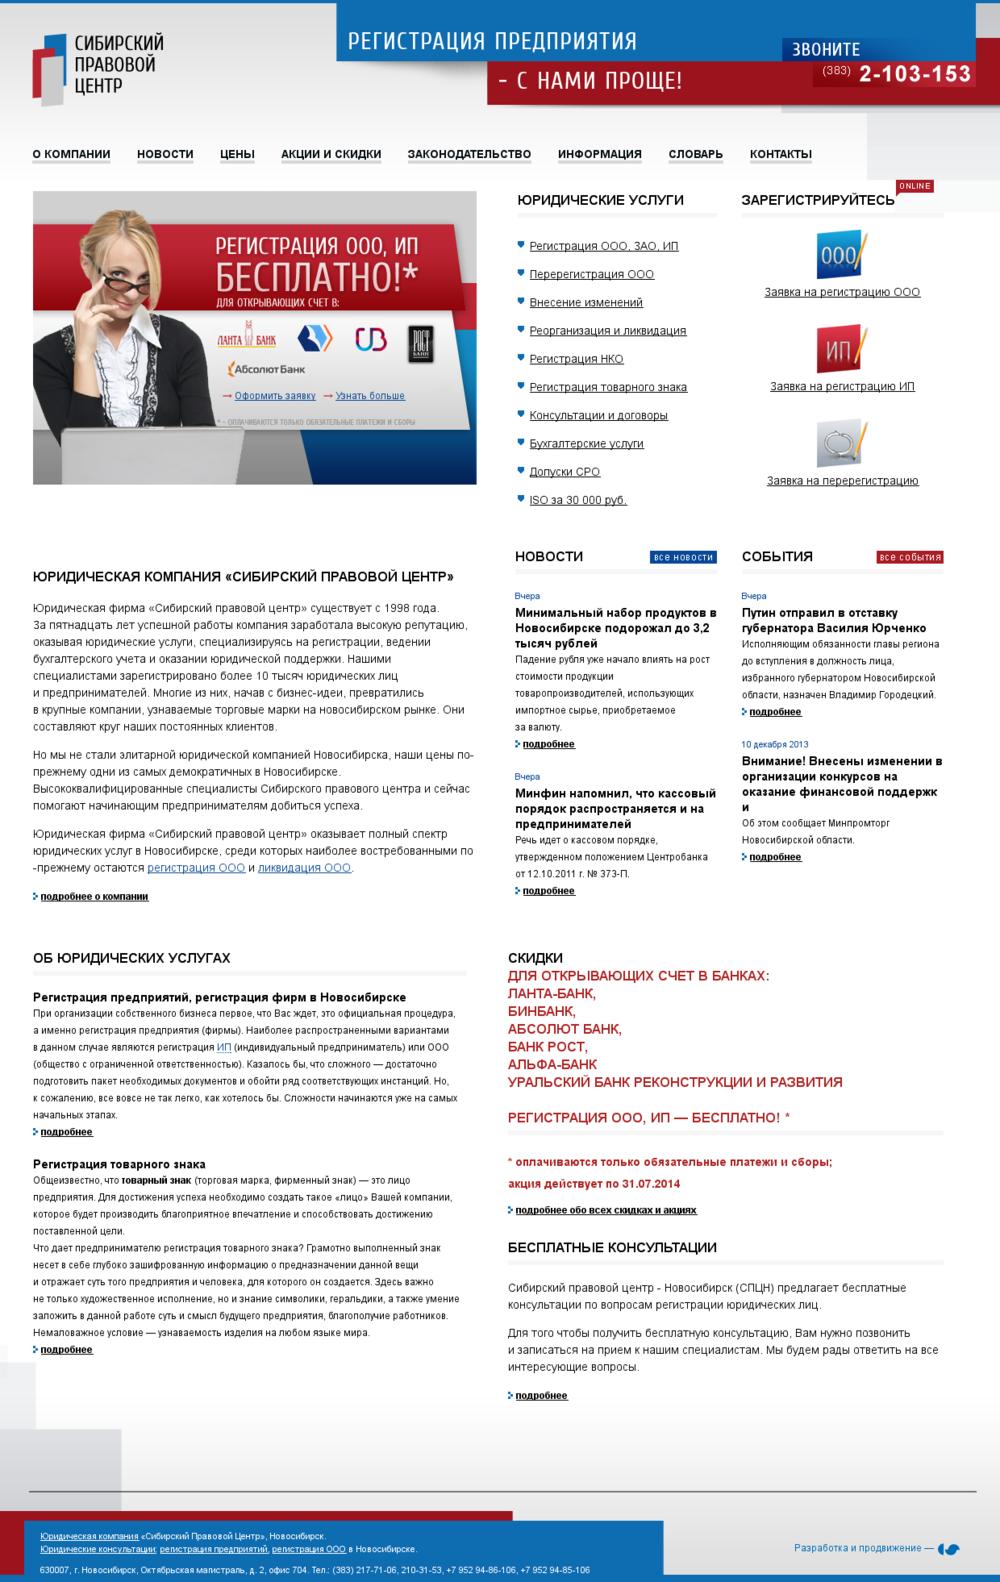 Всегда юридические фирмы по регистрации предприятий Диаспаре Элвину